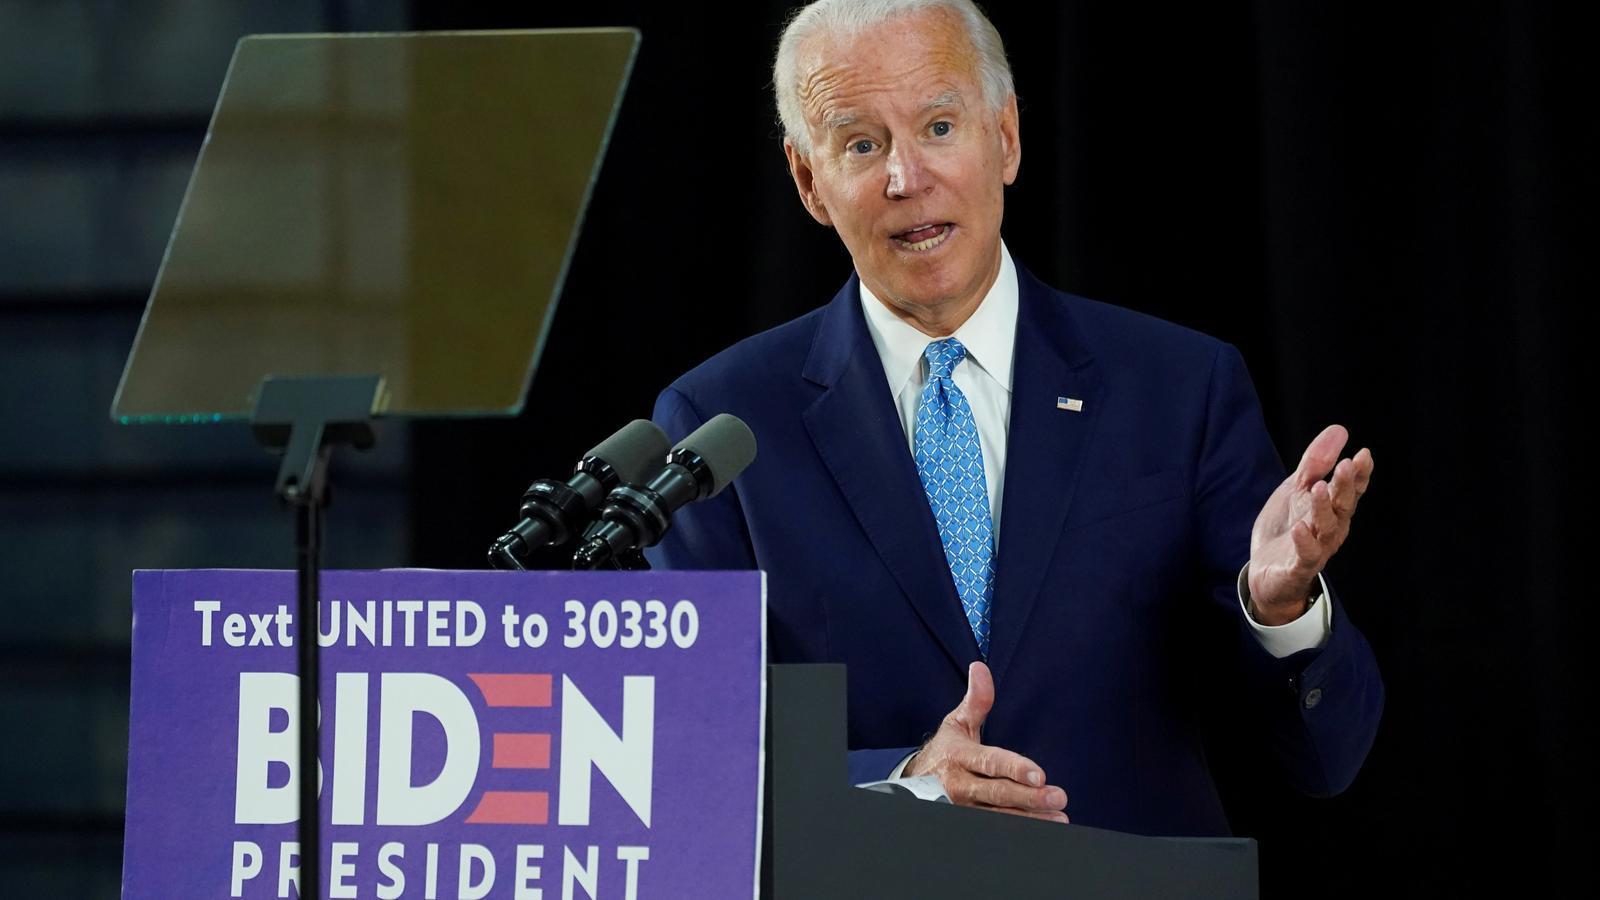 Roda de premsa de Joe Biden, candidat demòcrata a la presidència dels Estats Units, després de tres mesos de confinament.